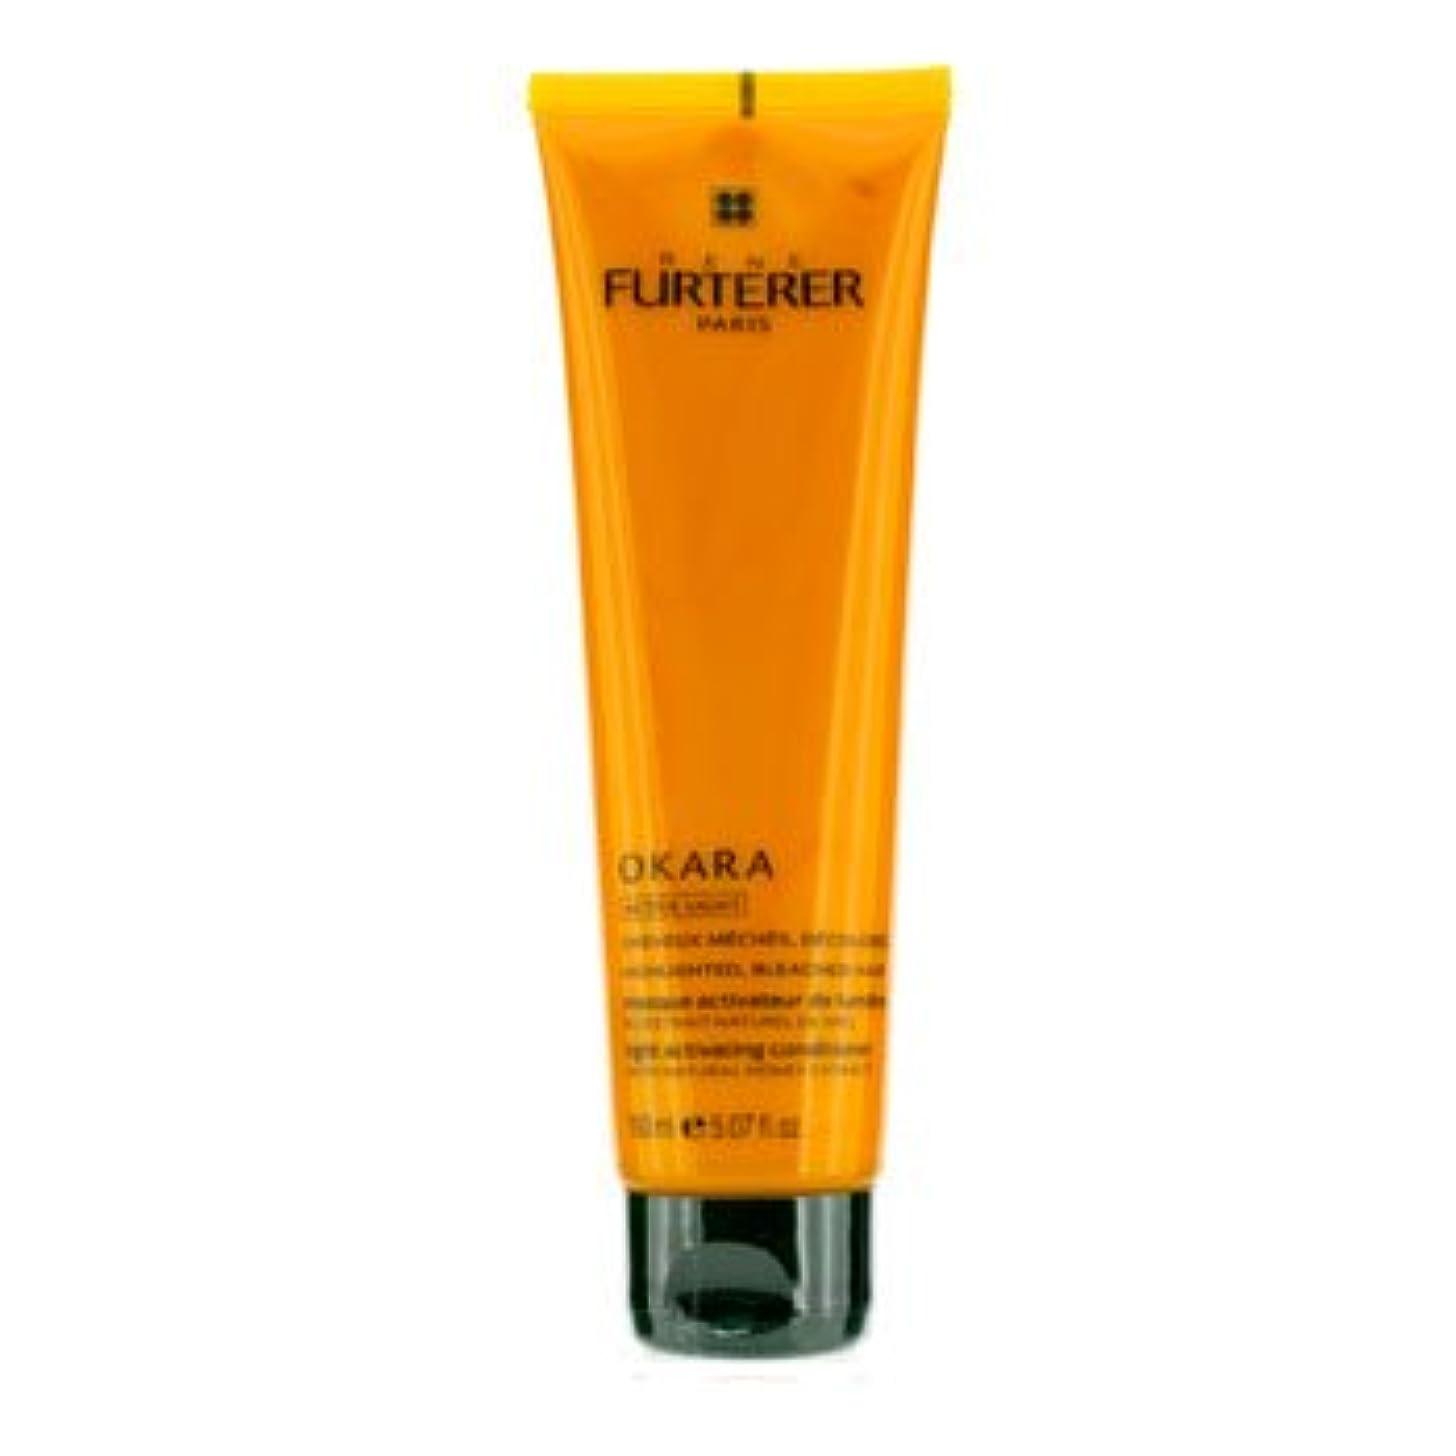 判読できない定常サロン[Rene Furterer] Okara Light Activating Conditioner (For Highlighted Bleached Hair) 150ml/5.07oz